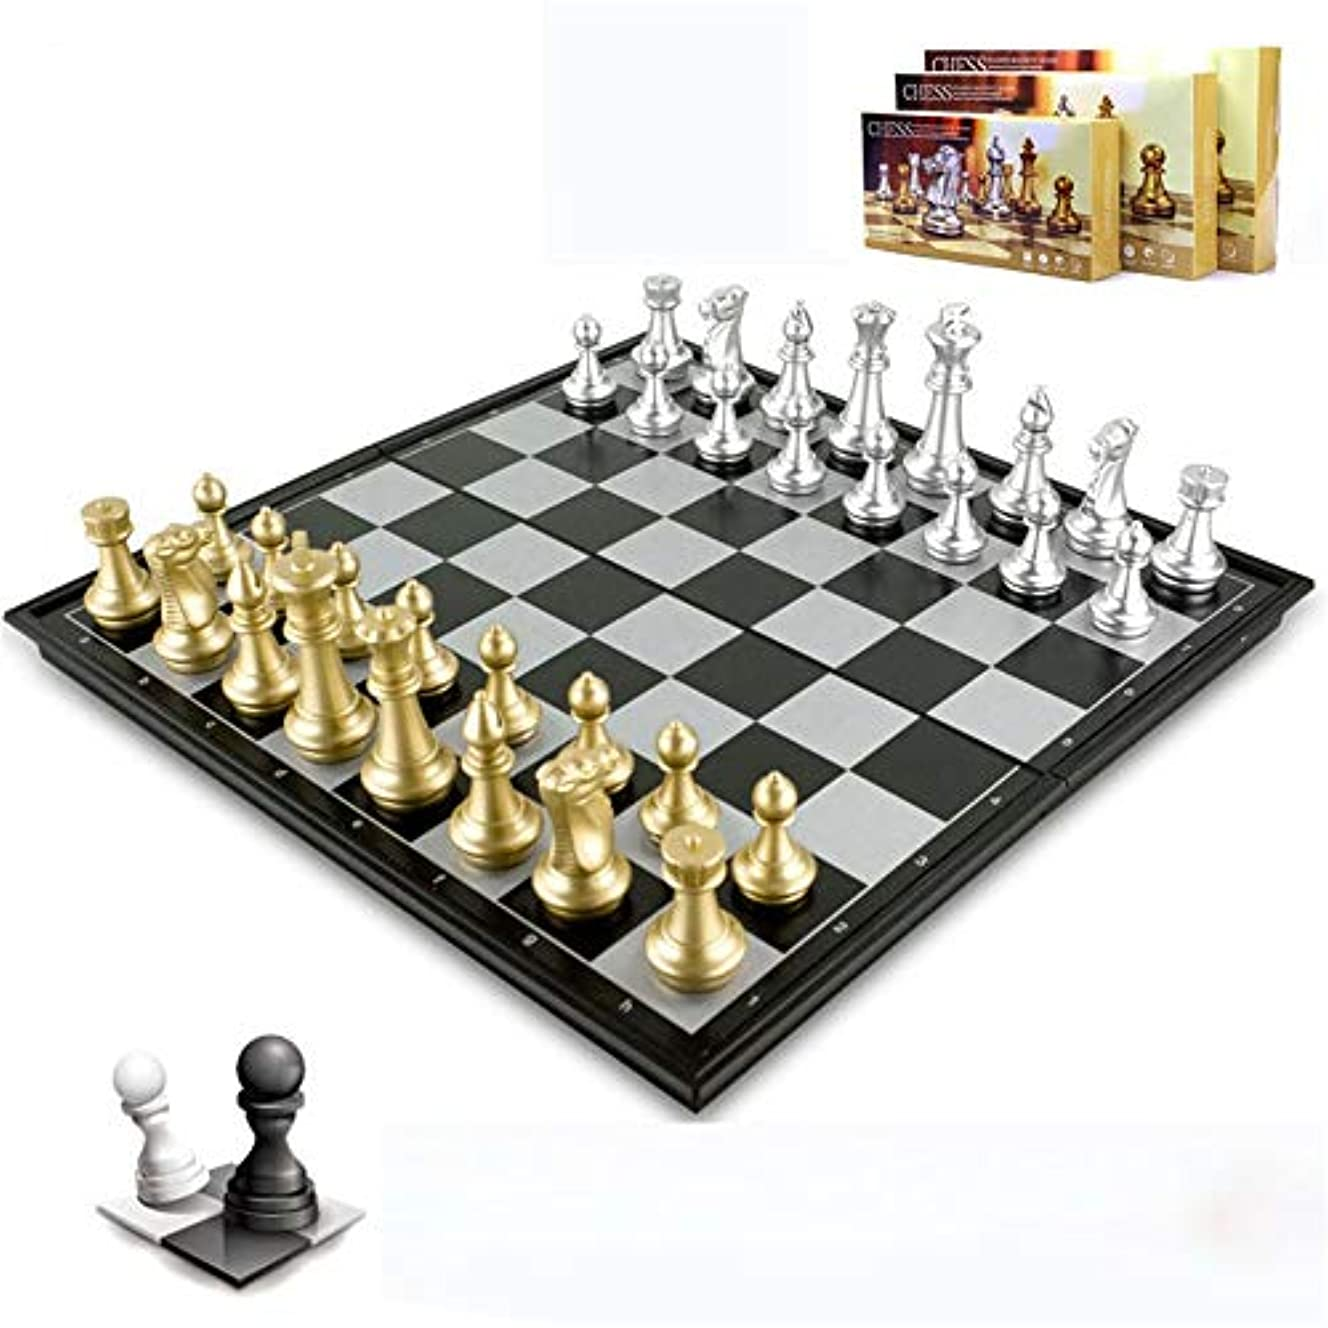 シガレット謝る虐殺チェス 木製の巧妙な部分およびチェスの収納スロットが付いている木製の標準的なチェスのゲーム板セットを折るチェスセット (色 : As picture, サイズ : 25*25*2cm)